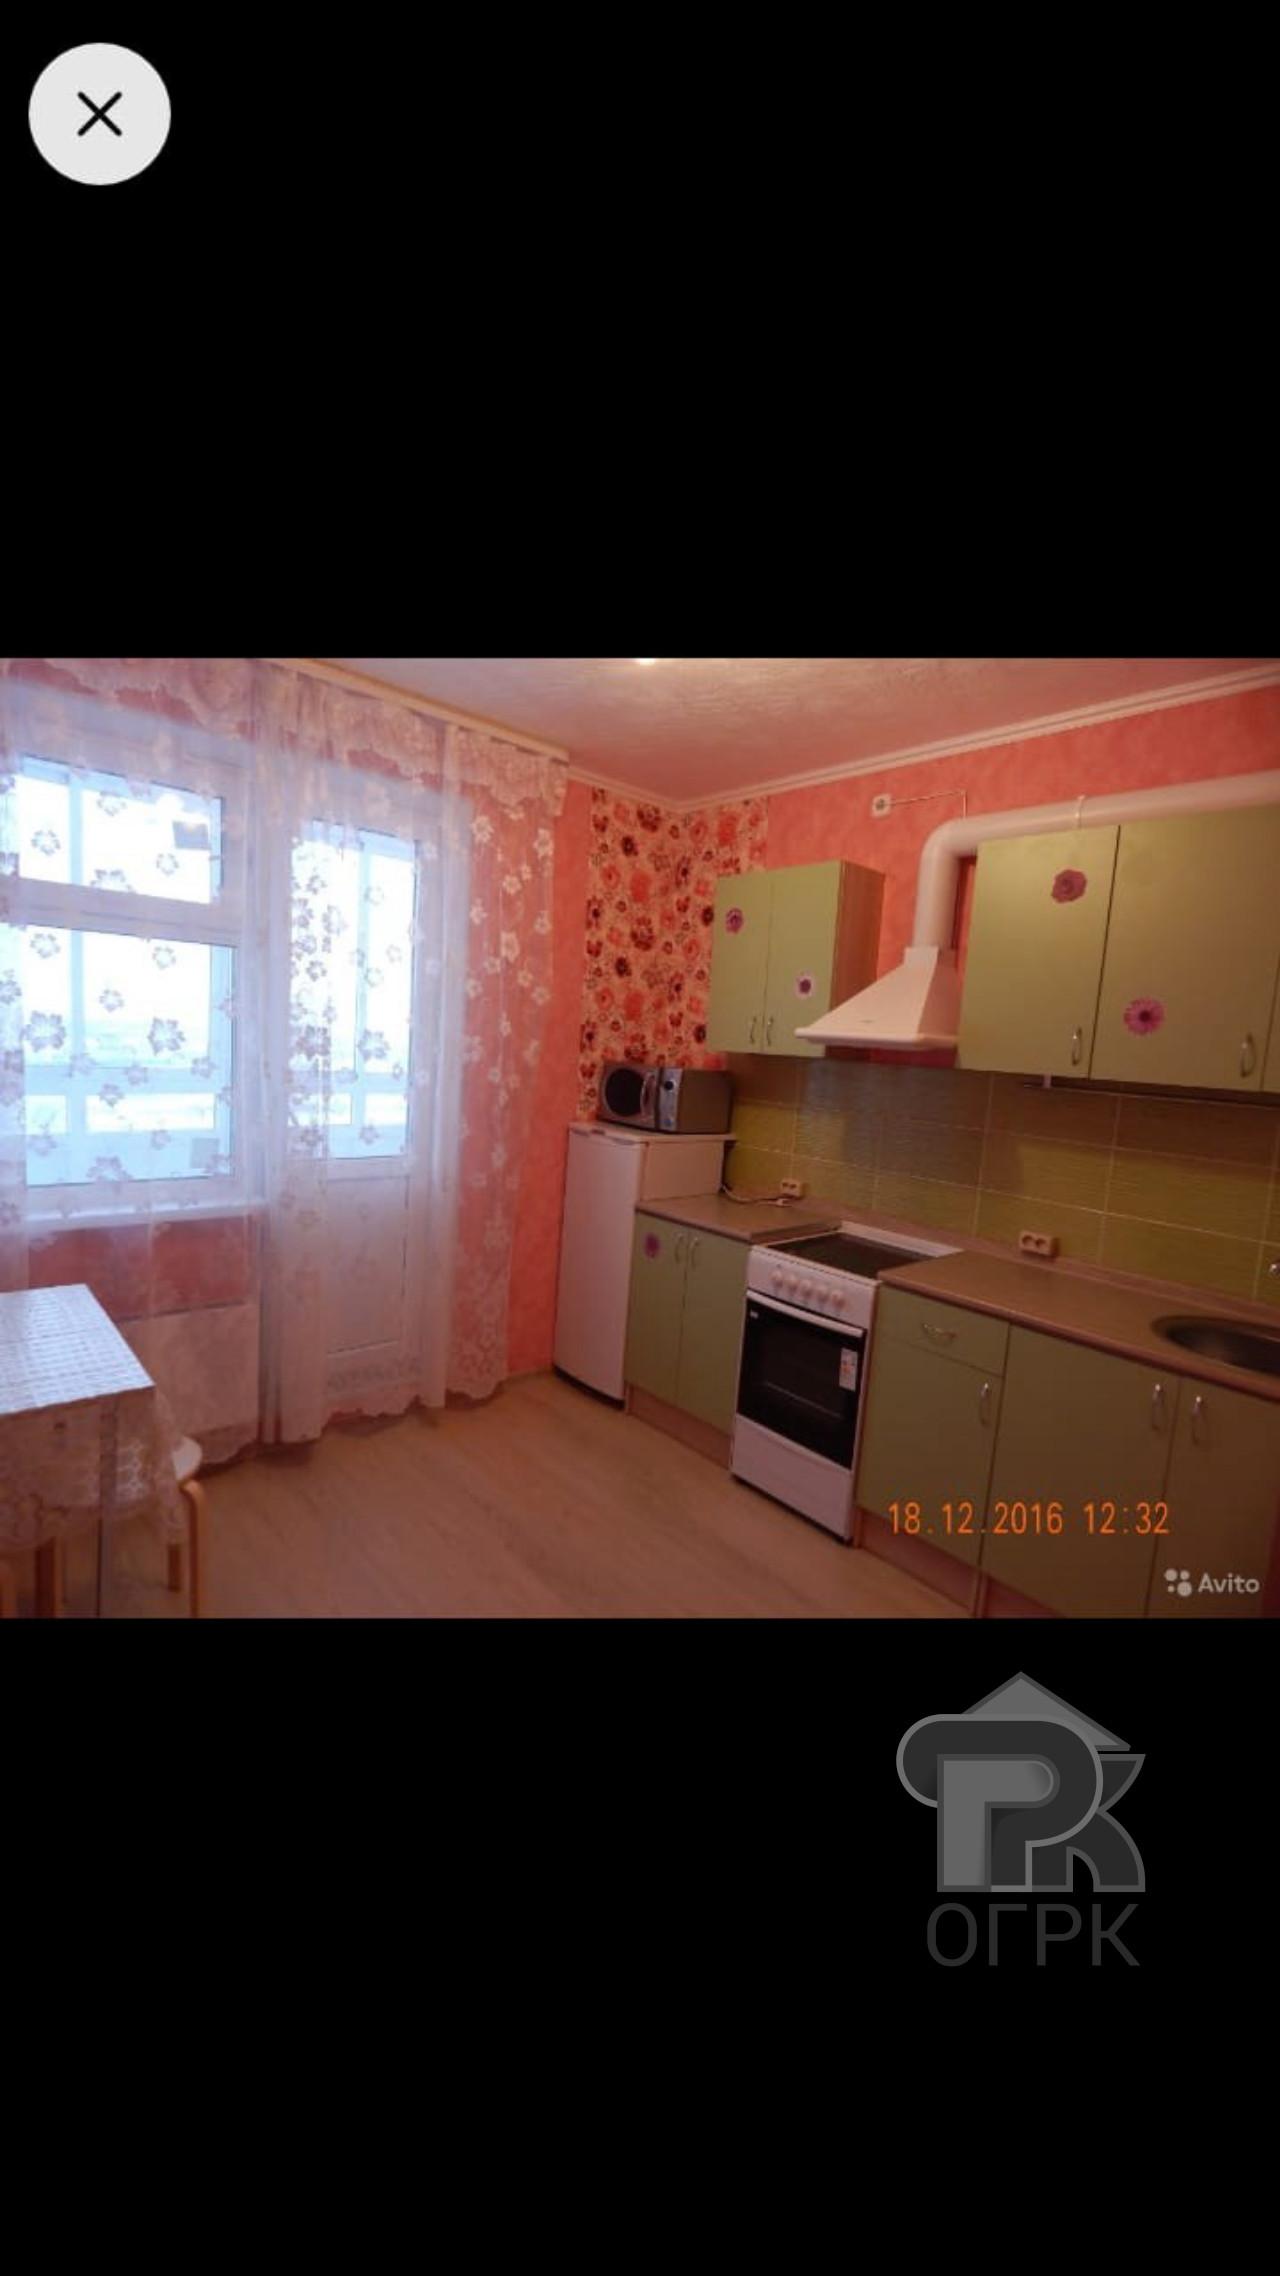 Купить 1-комнатную квартиру, город Балашиха, Балашиха, мкрн Железнодорожный, ул. Струве, д.7к.1, №307224